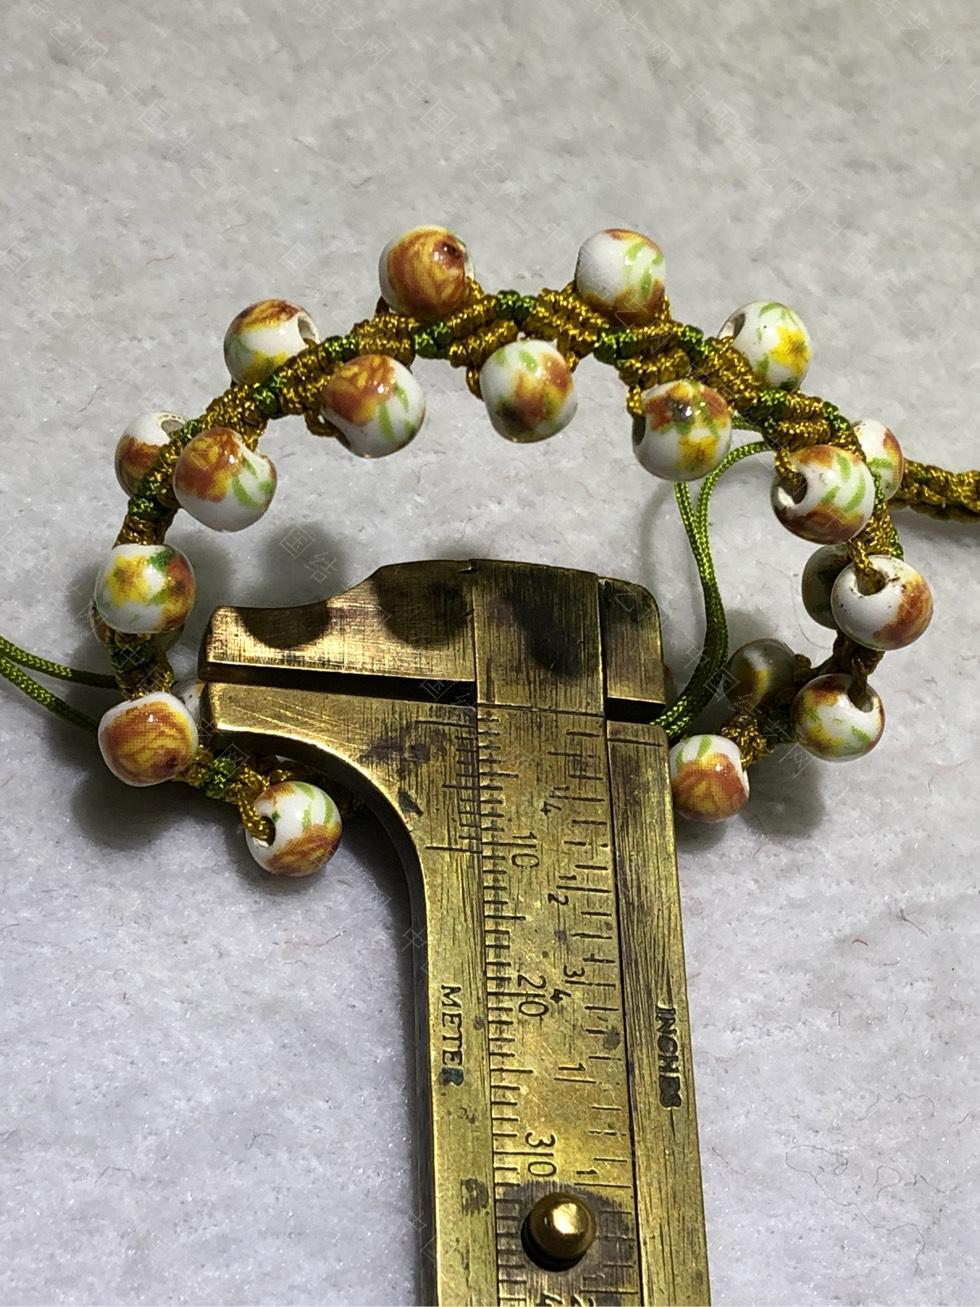 中国结论坛 陶瓷珠蕾丝手链。  图文教程区 144854m6h1hyyynr5h1hg5